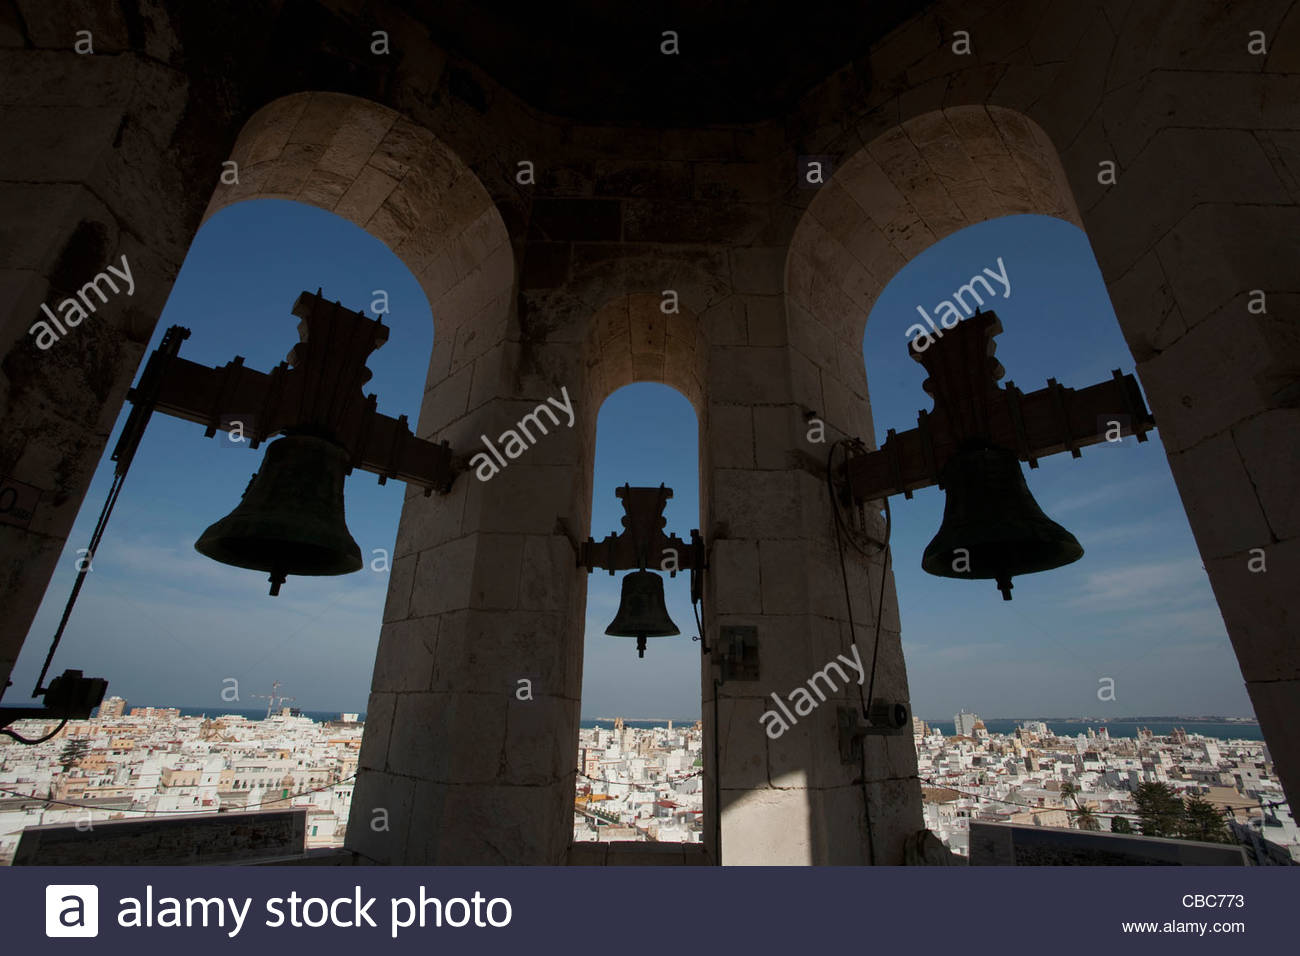 Bells hanging in chapel windows - Stock Image